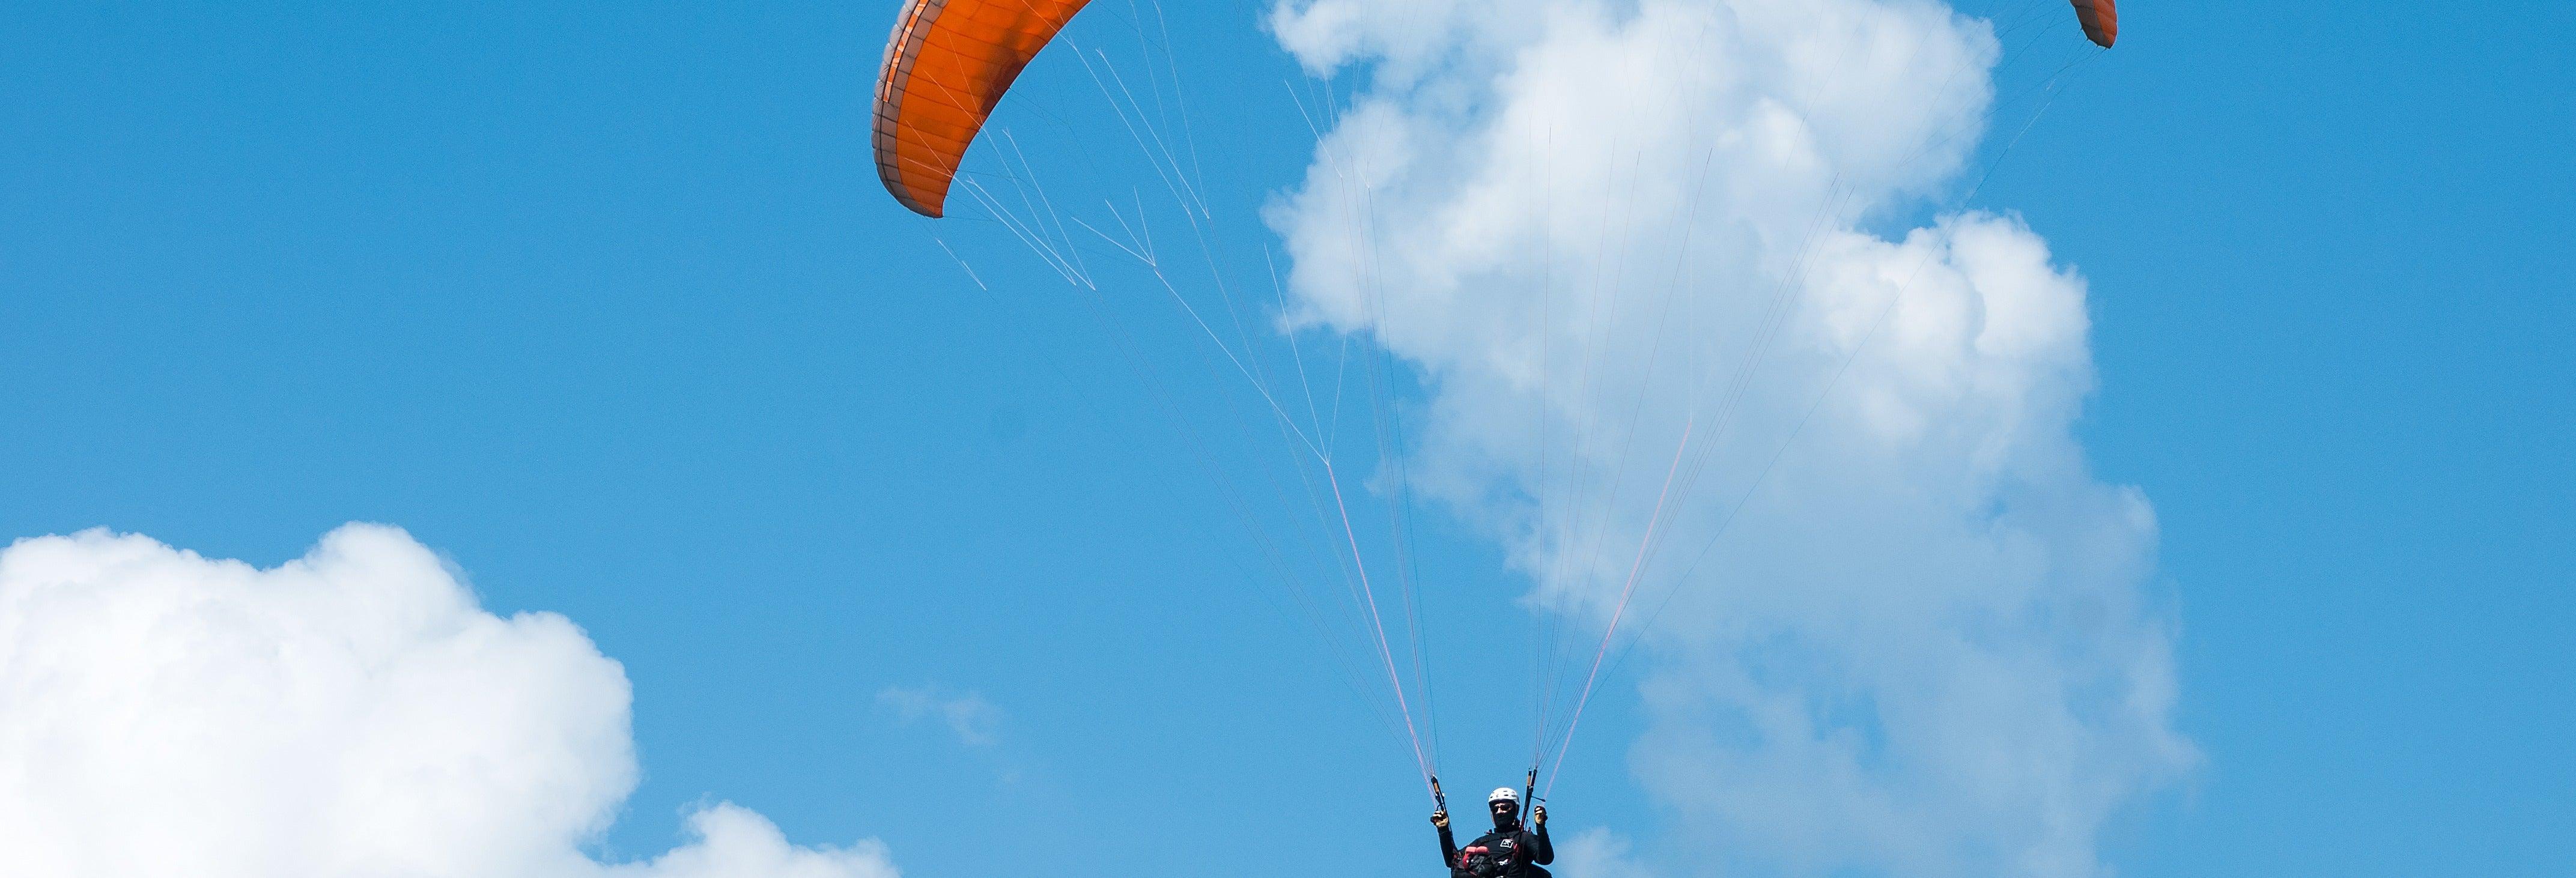 Paragliding in Sagres